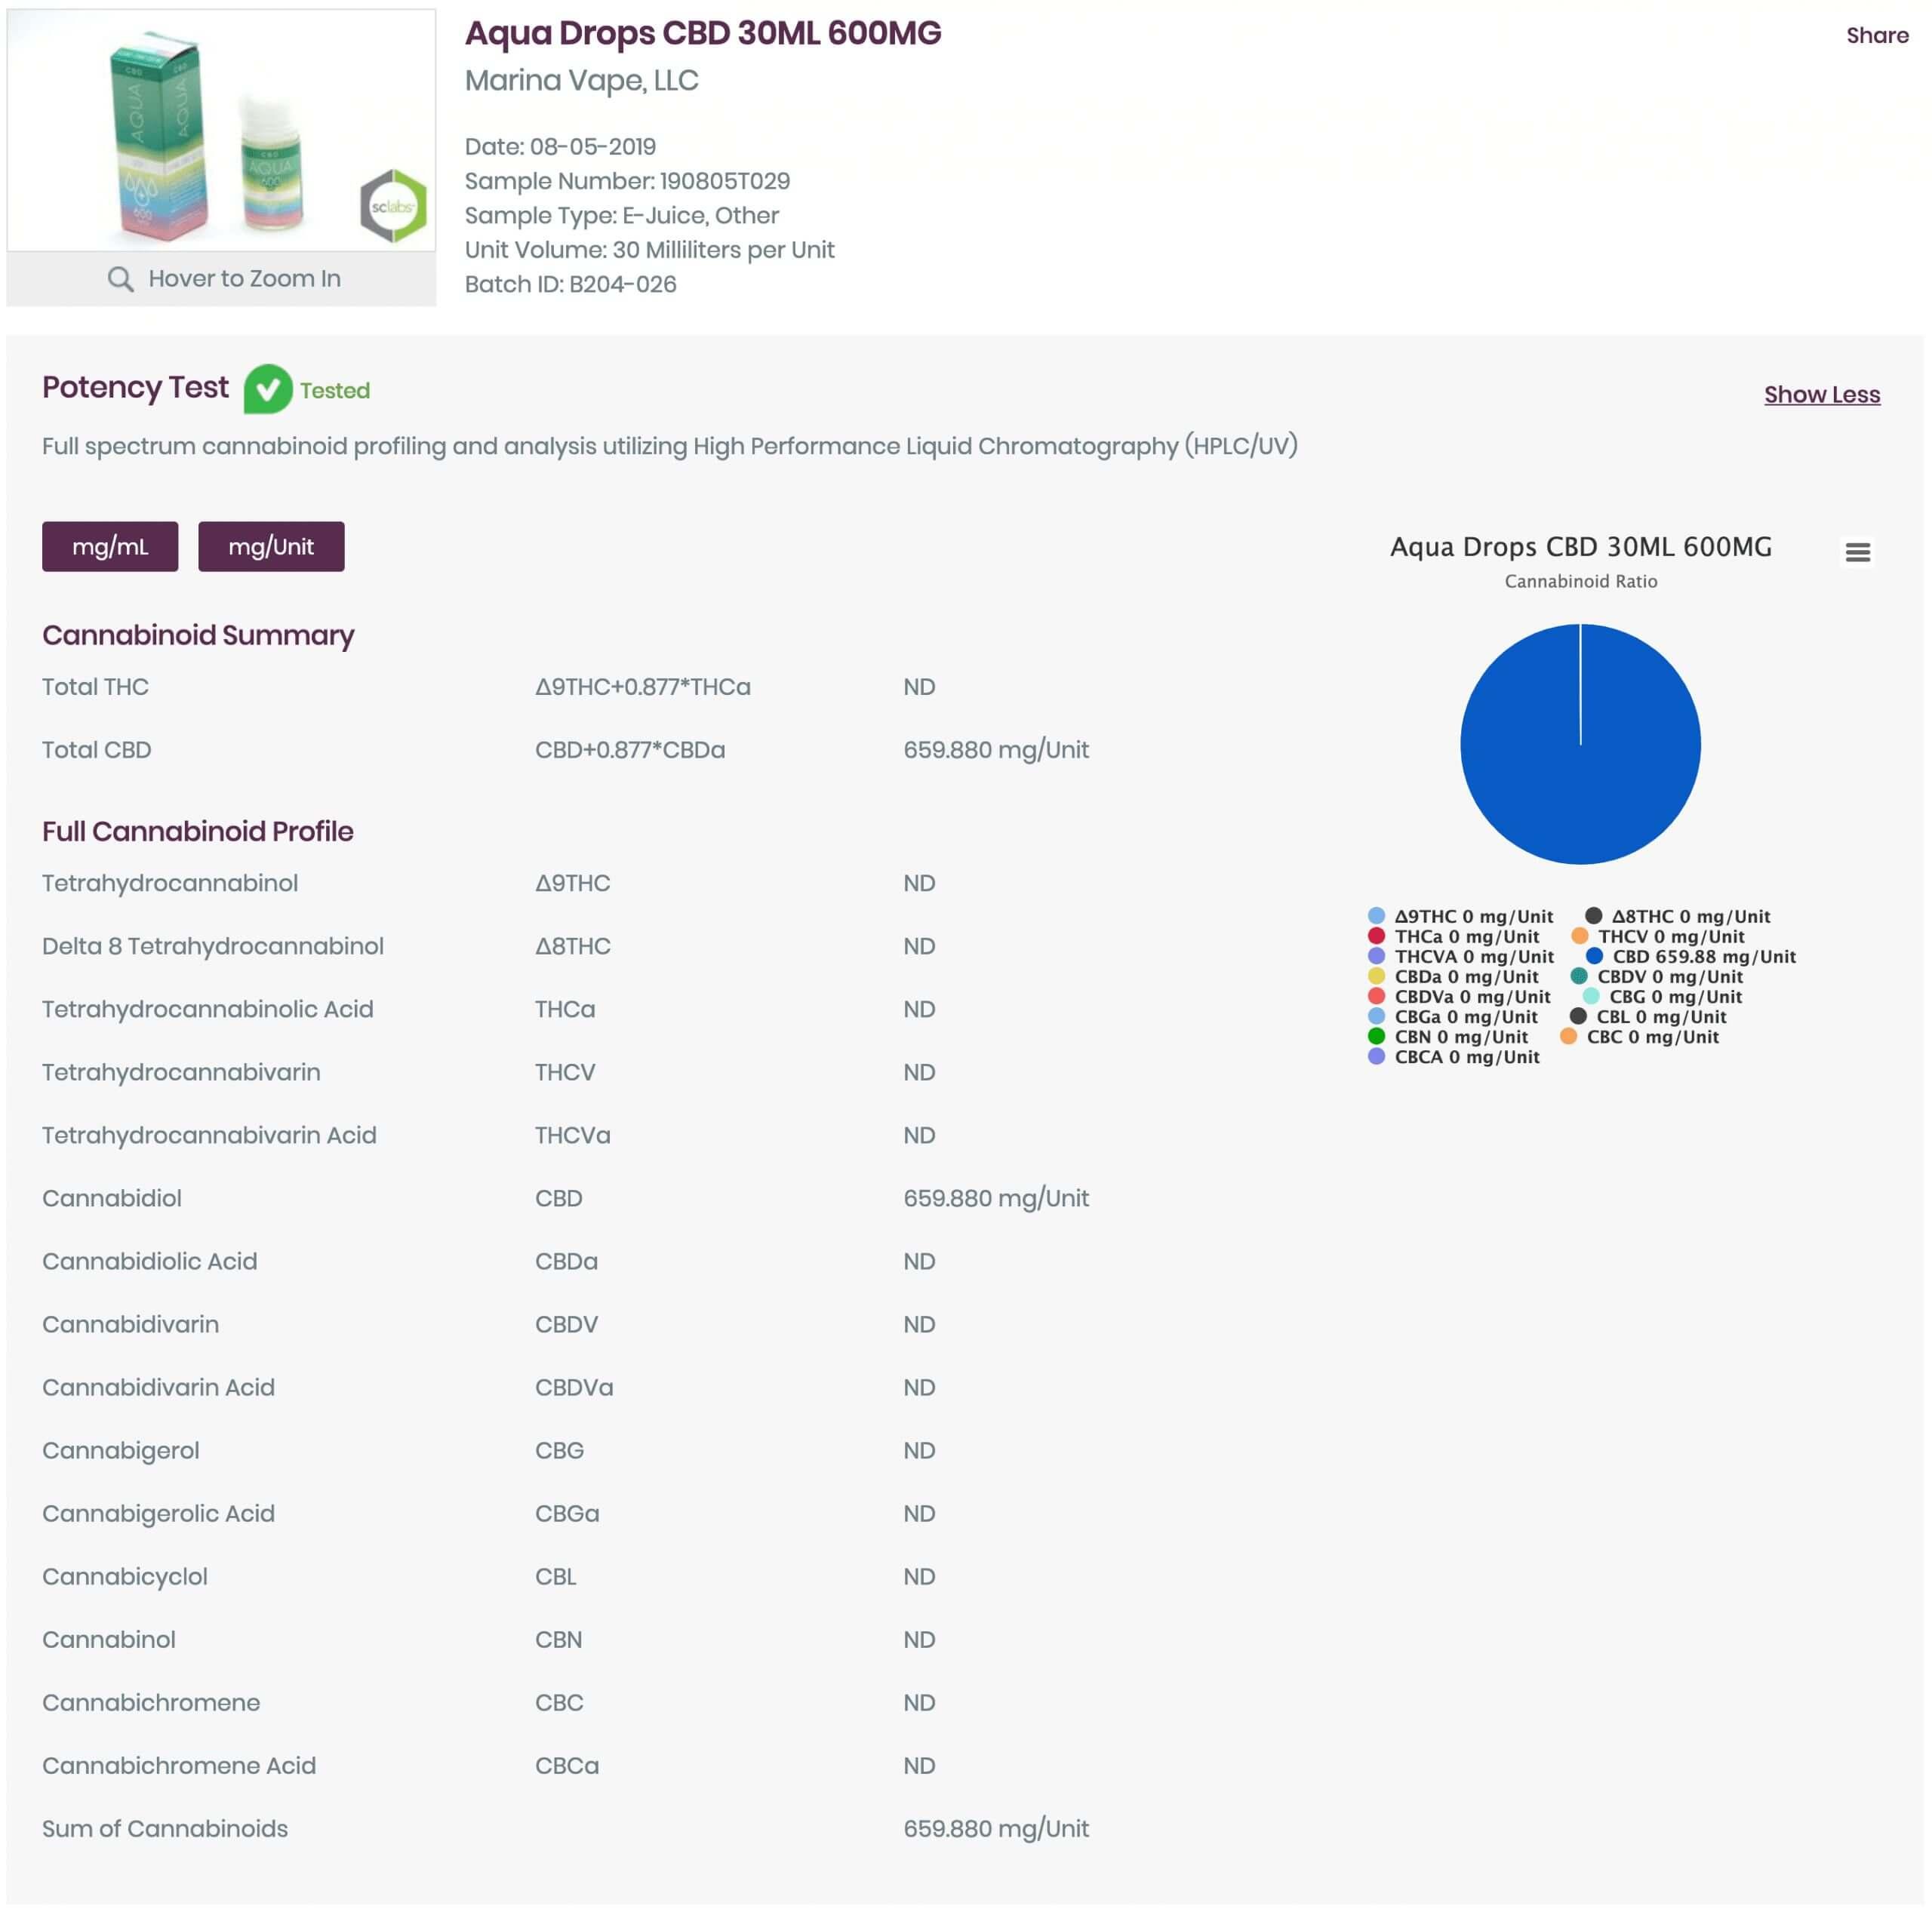 AQUA CBD Drops Vape Juice 600mg Lab Report